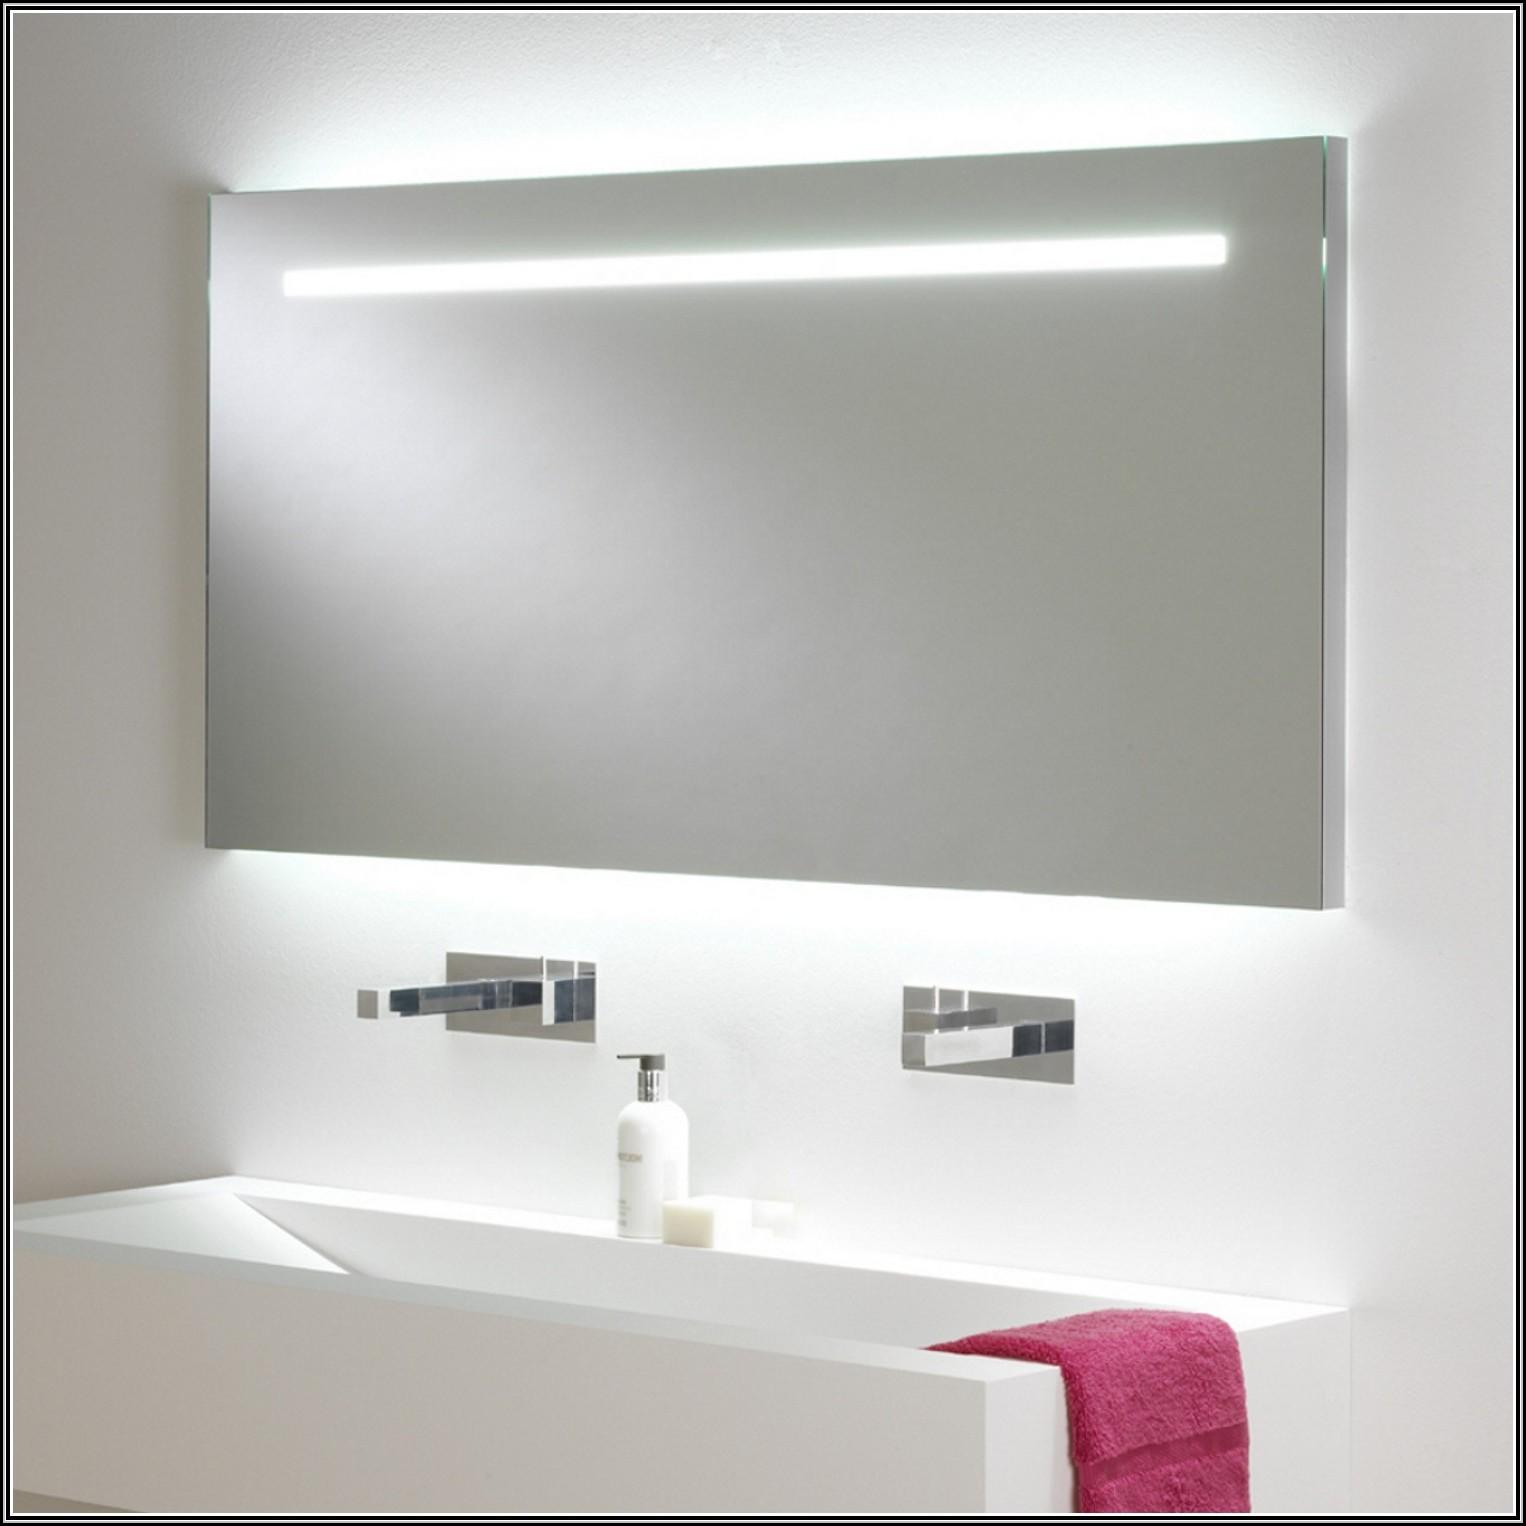 spiegel mit steckdose und beleuchtung beleuchthung house und dekor galerie d5wm7qar9p. Black Bedroom Furniture Sets. Home Design Ideas